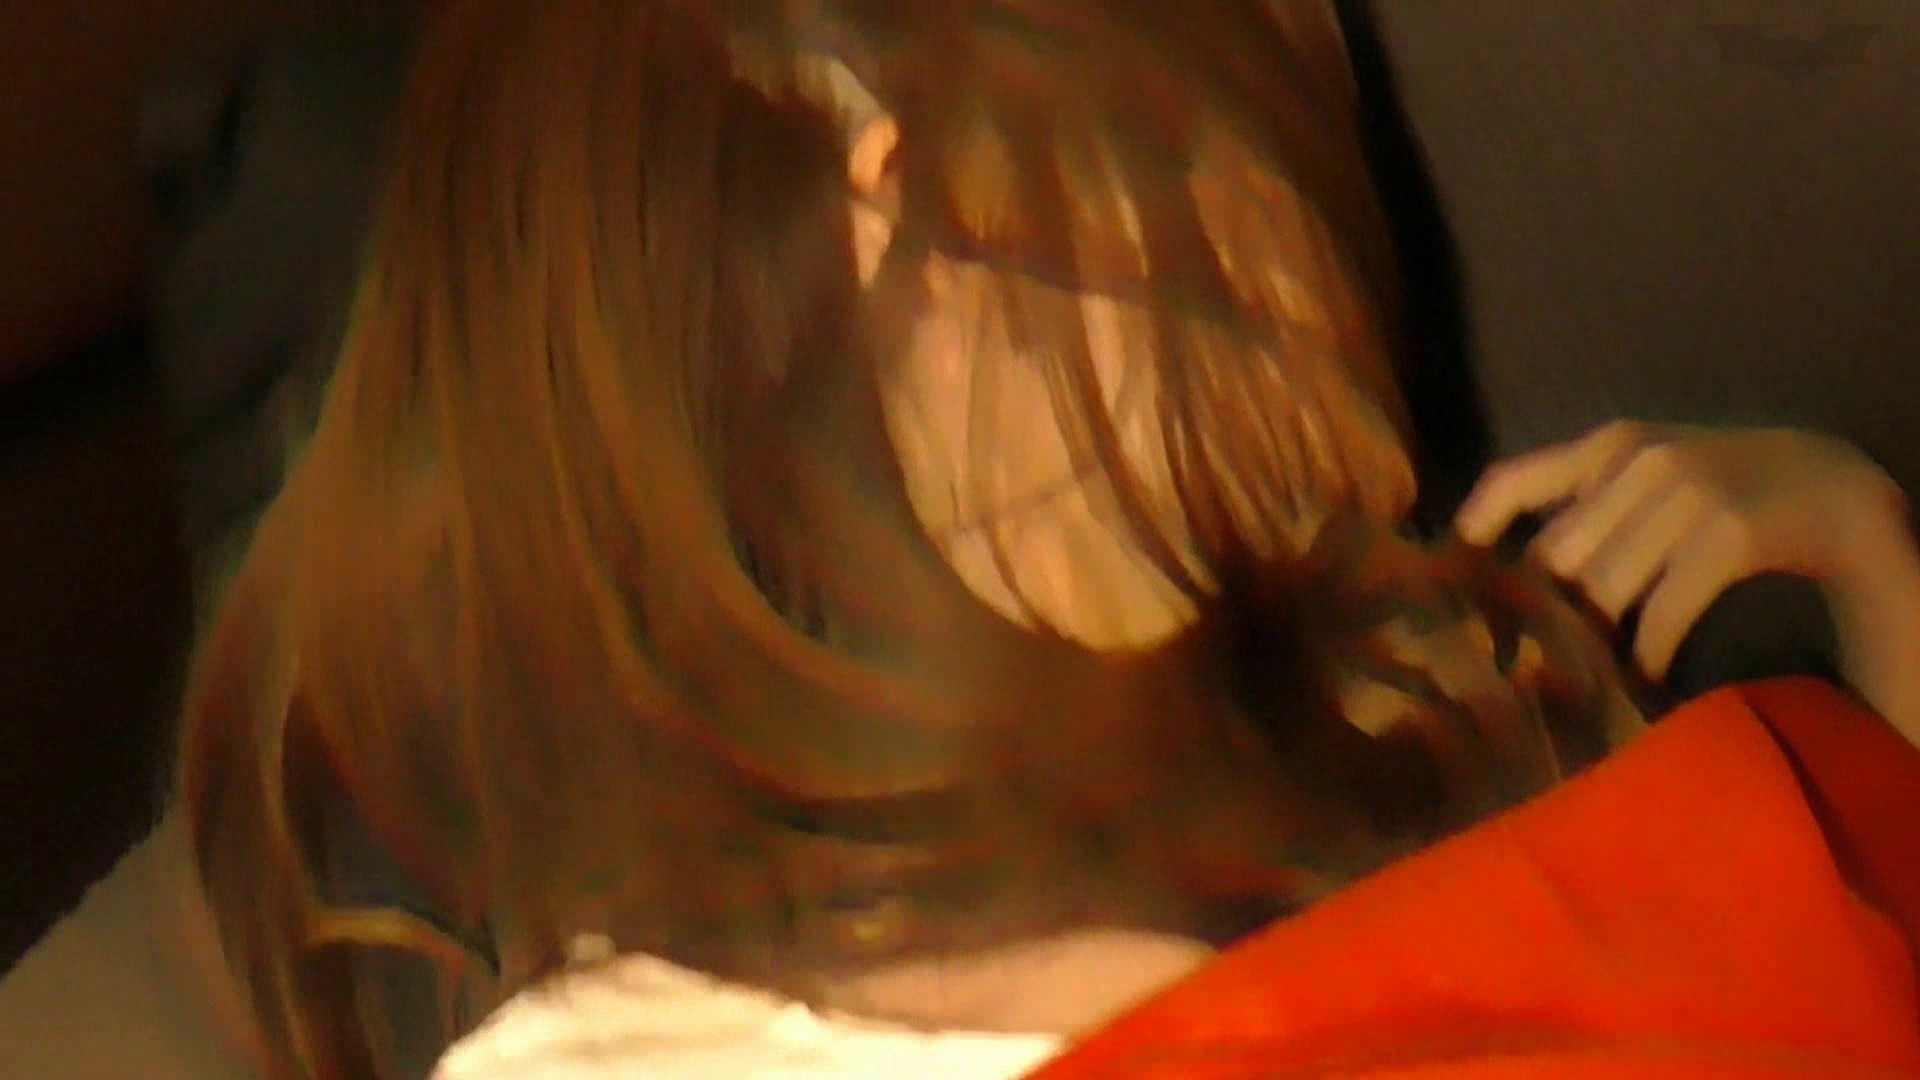 悪戯ネットカフェ Vol.07 魔法をかけて開いてみれば紐?? 細身・スレンダー おまんこ無修正動画無料 78画像 36